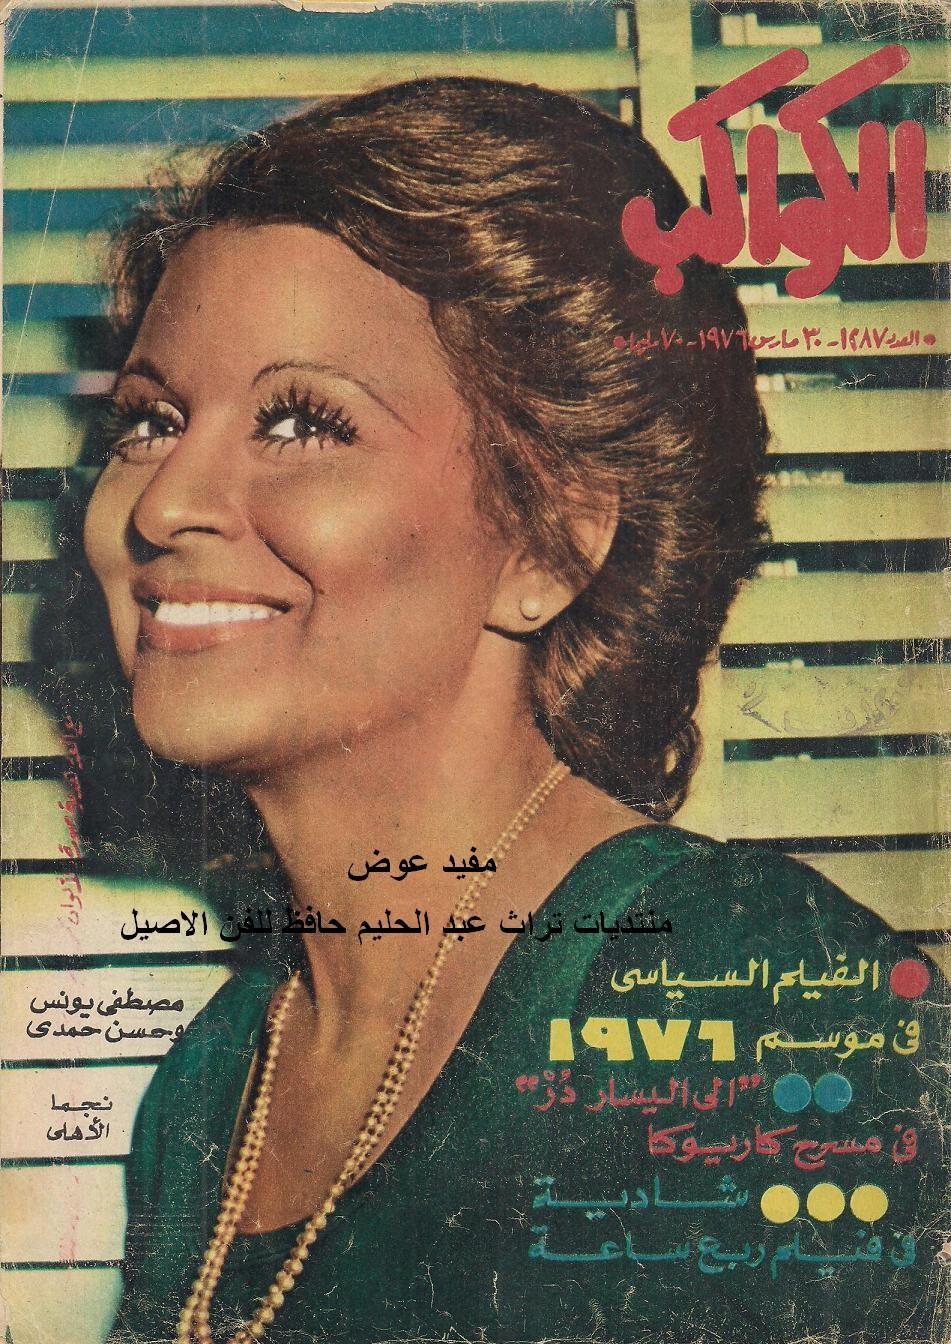 مقال صحفي : ماهي الخطوة التالية ياسعاد ؟ 1976 م 1114